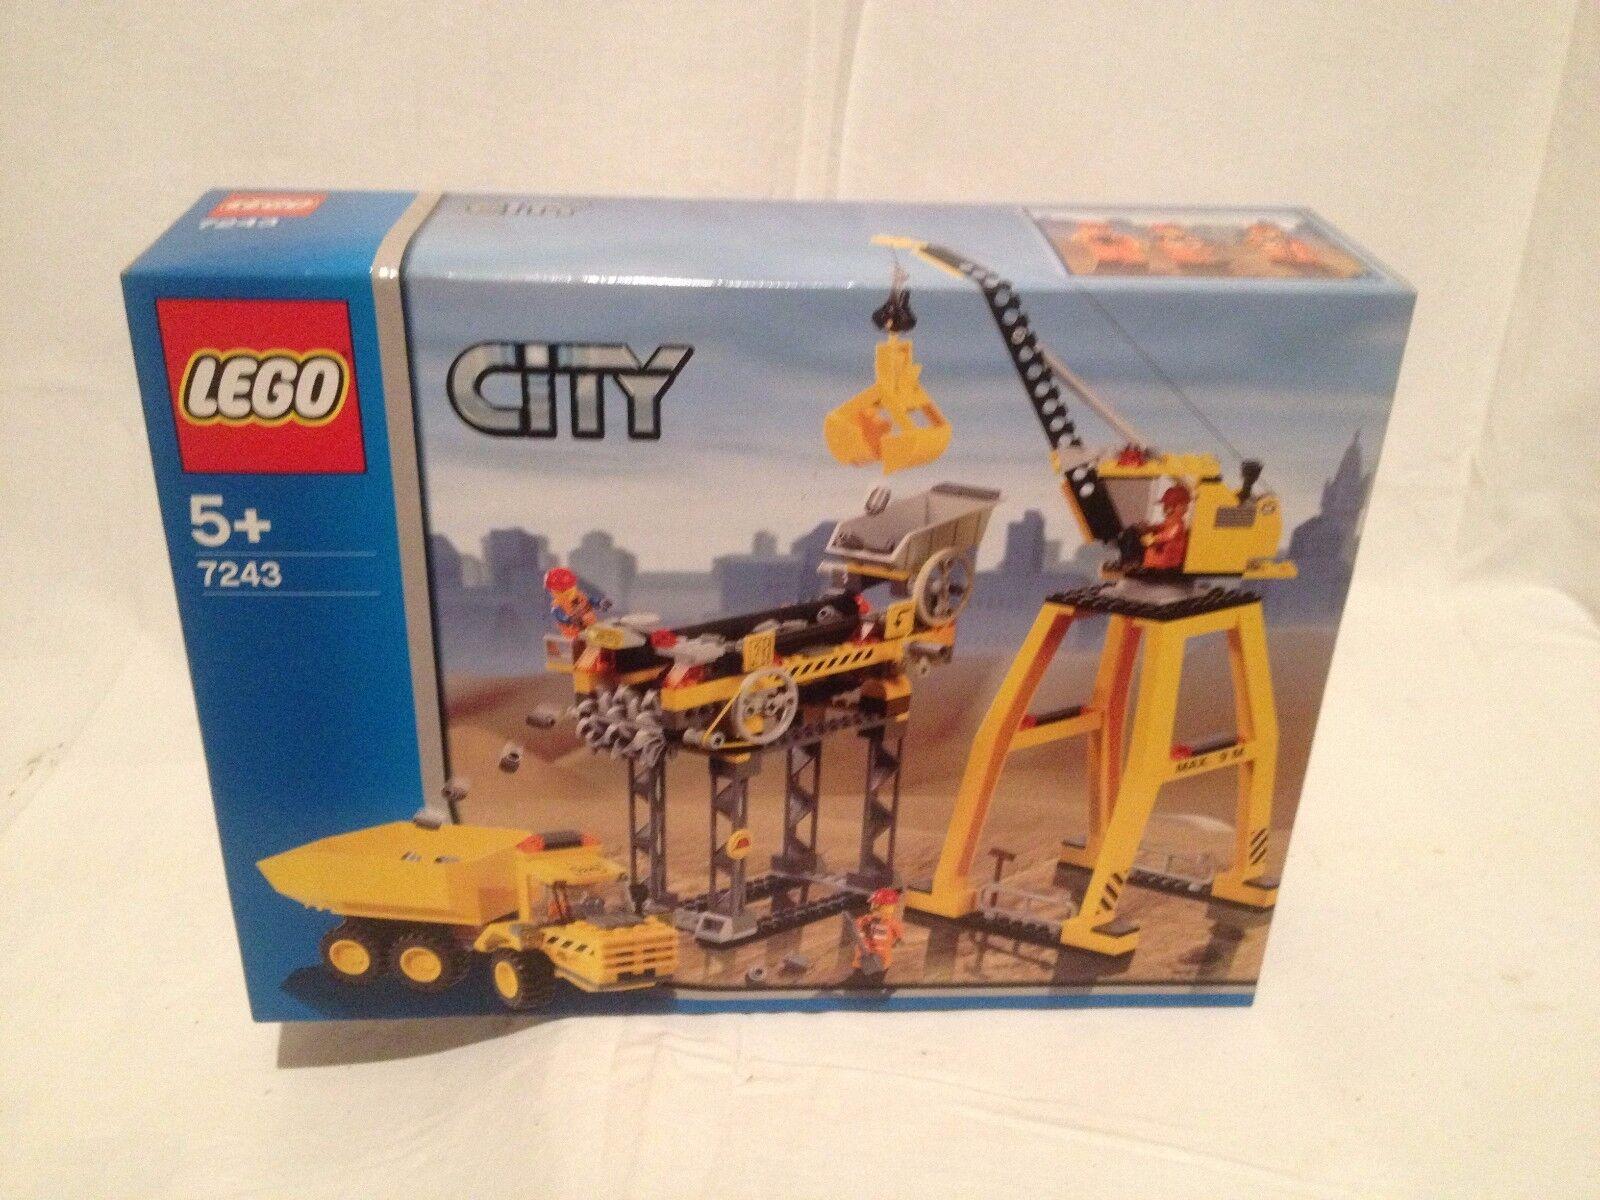 Avoir une maison, avoir de de de l'amour, as-tu Lego City 7243 Site De Construction NEUF 1 édition 502194